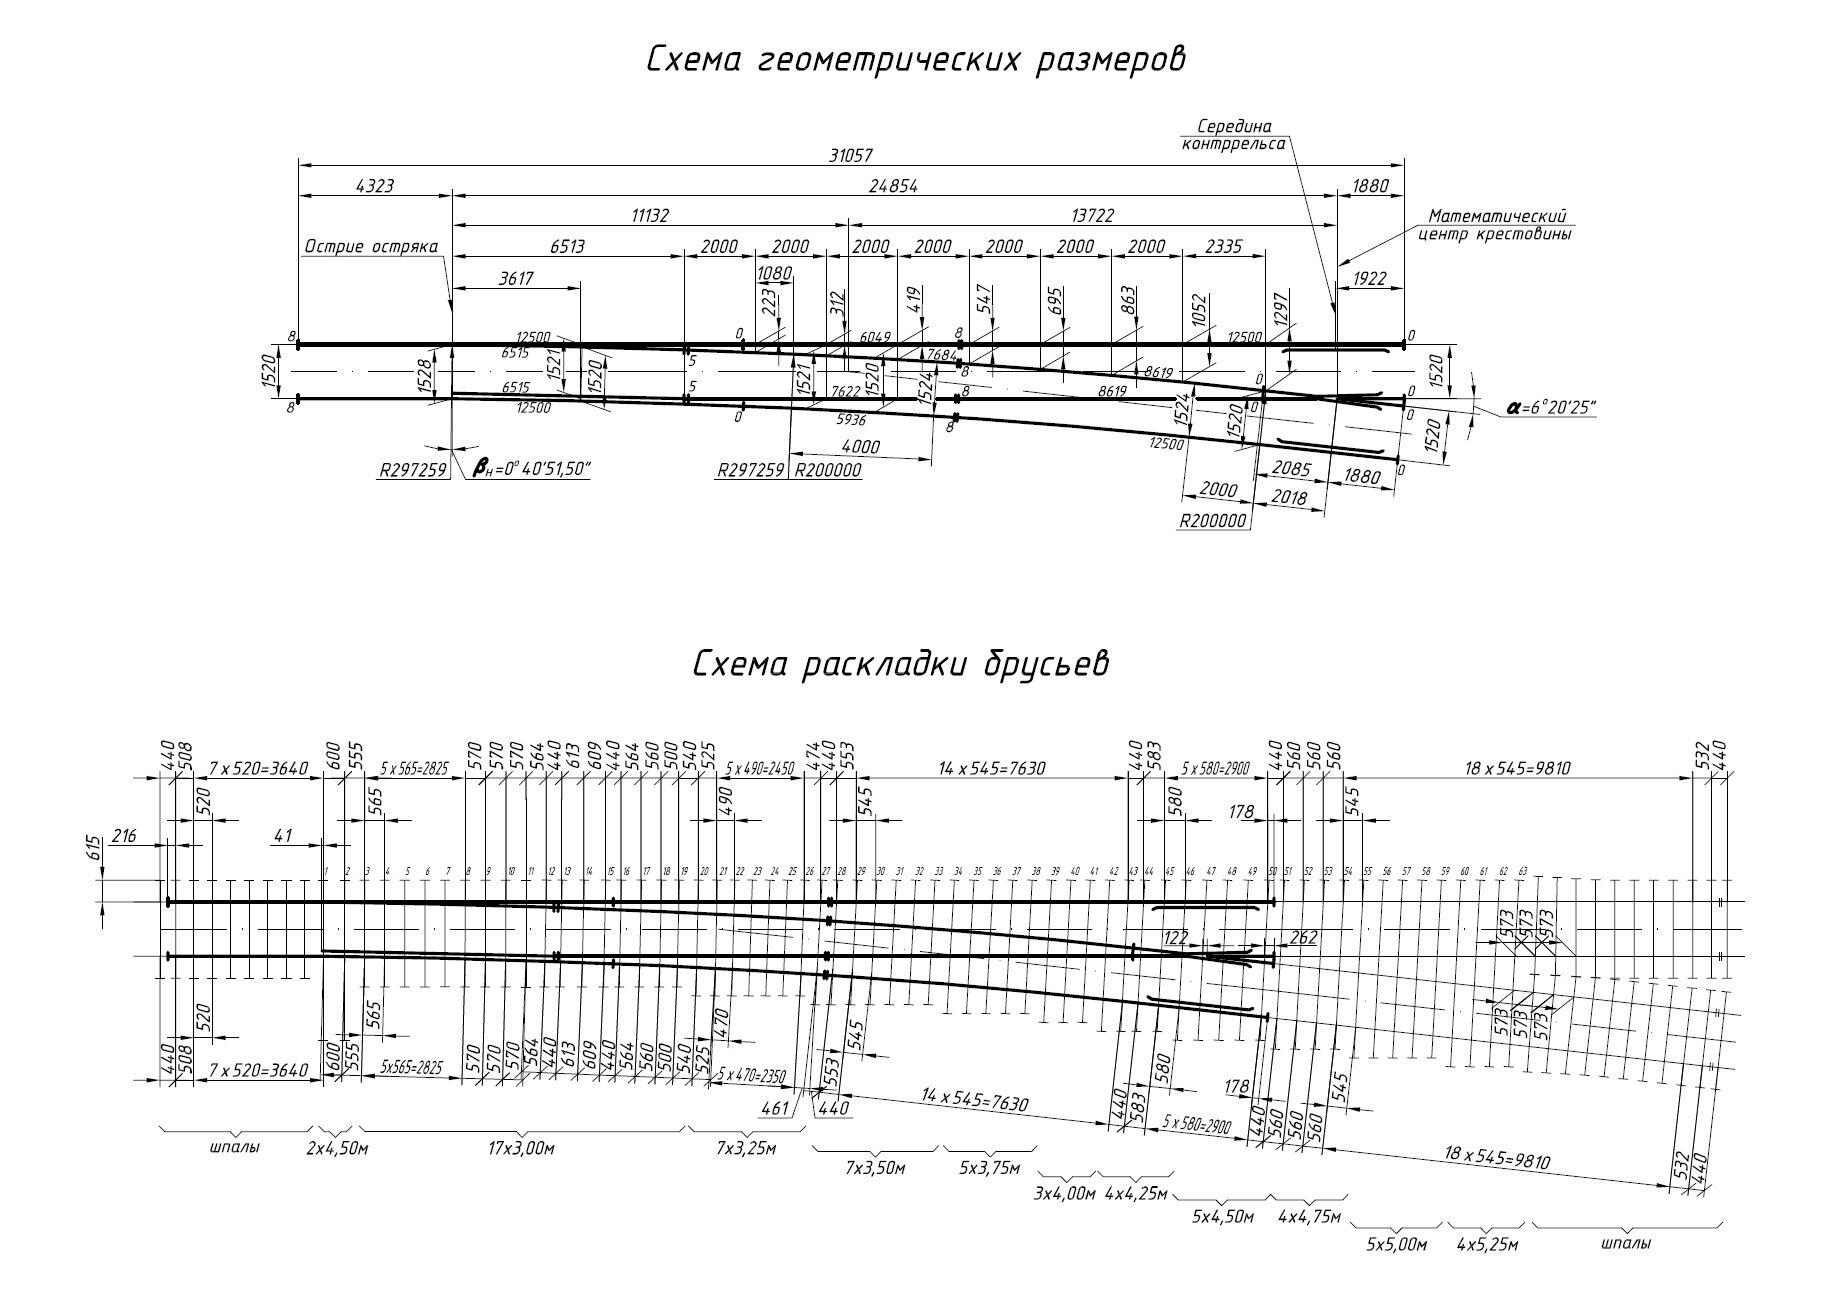 Стрелочные переводы Р50 1/9 проект 2498 - фото pic_e3c84e29b534f6a88c84d3578f4ebcb6_1920x9000_1.jpg